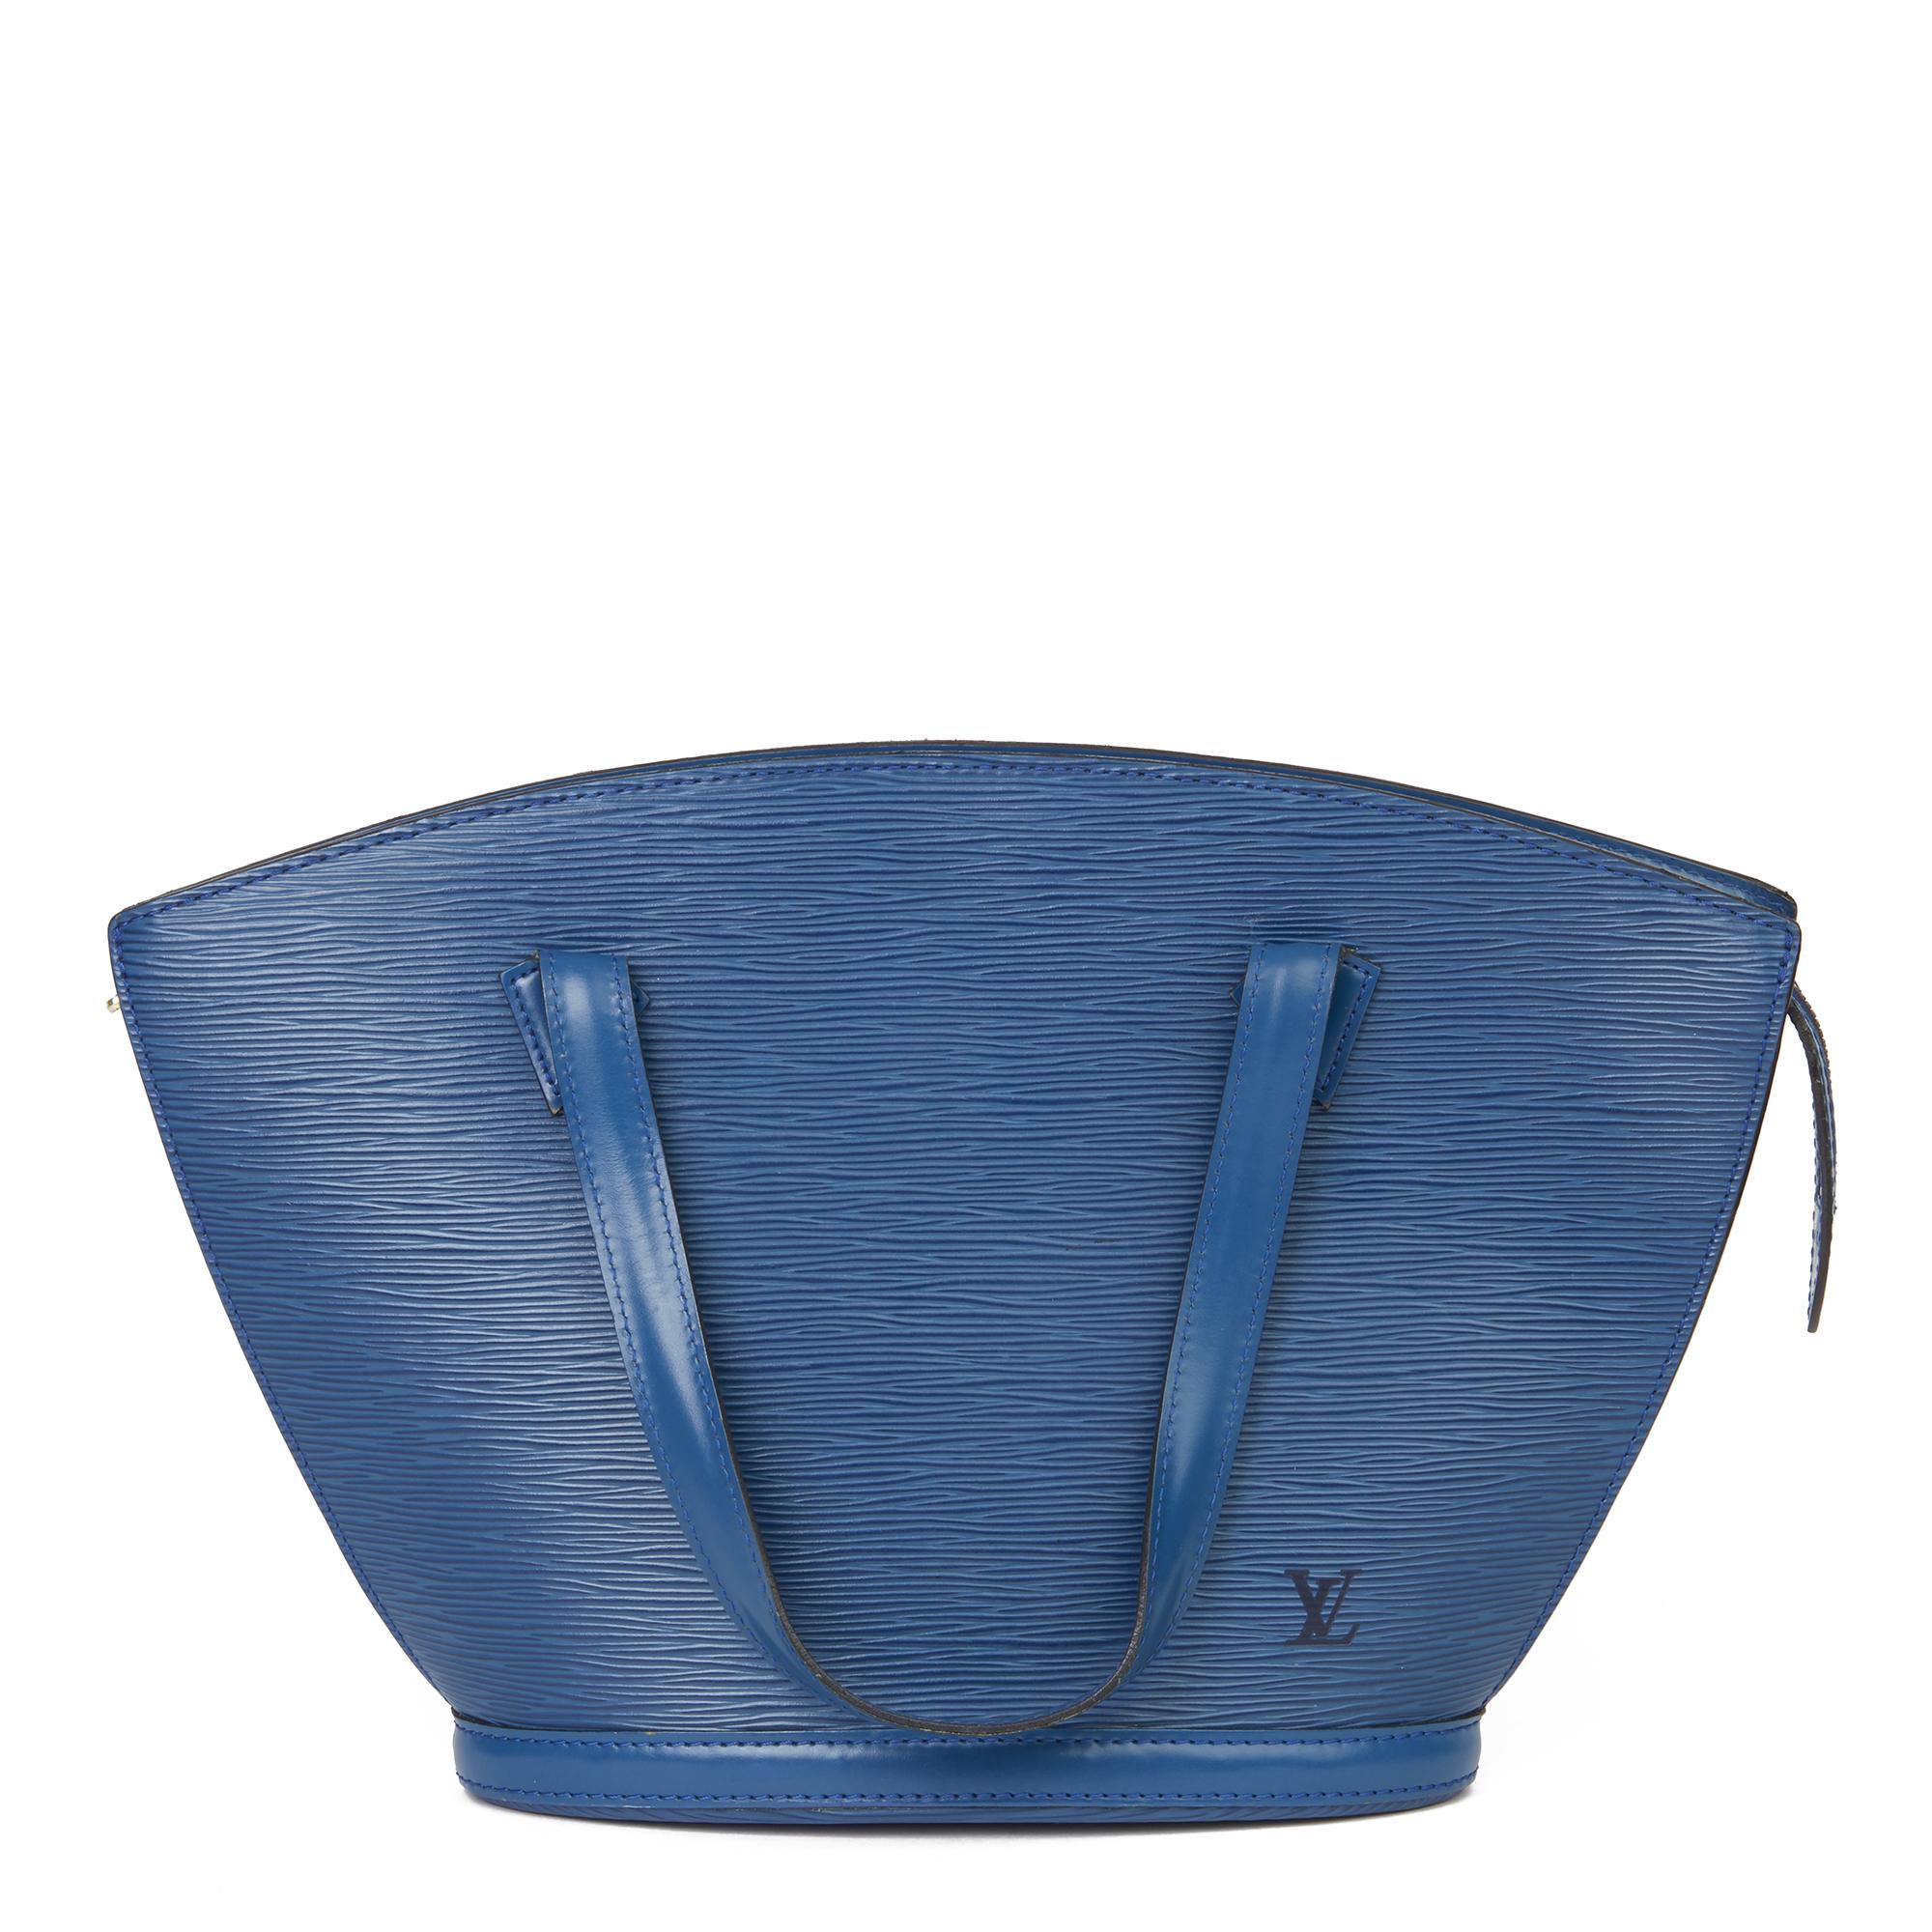 Louis Vuitton Blue Epi Leather Vintage Saint Jacques PM